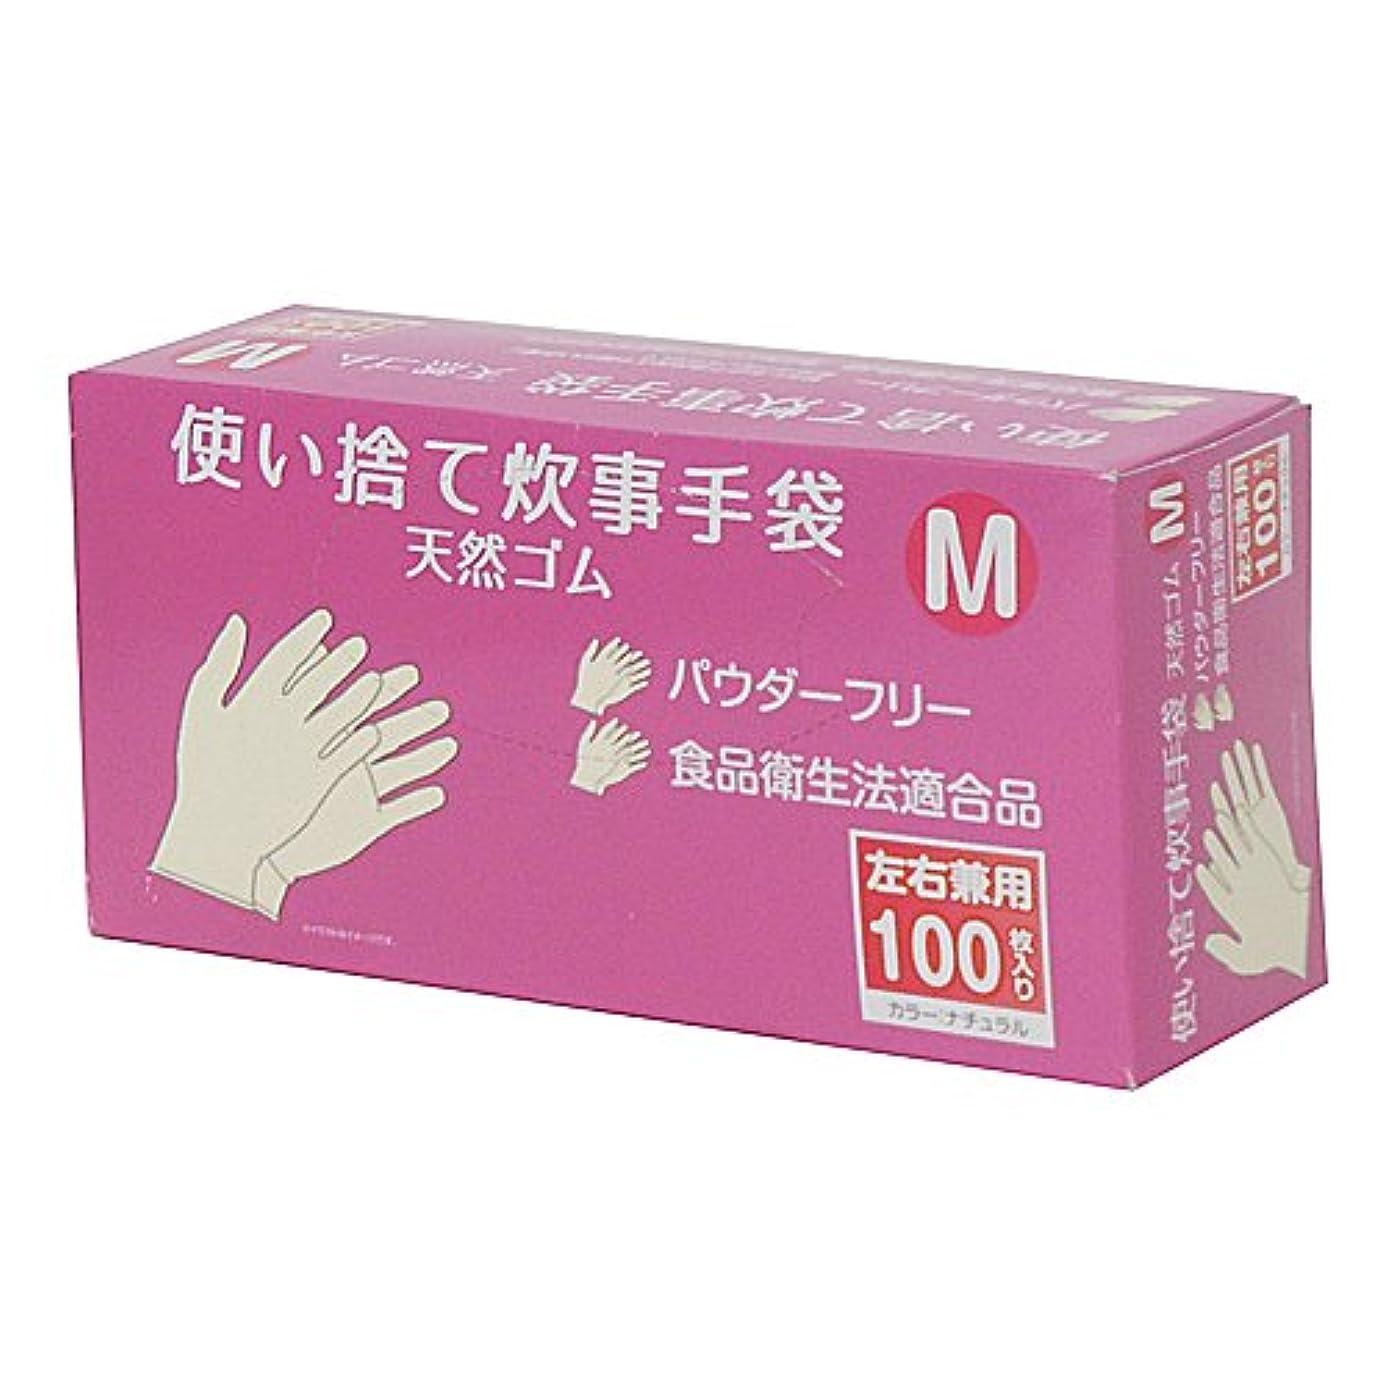 約束する医薬オープナーコーナンオリジナル 使い捨て 炊事手袋 天然ゴム 100枚入り M KFY05-1128